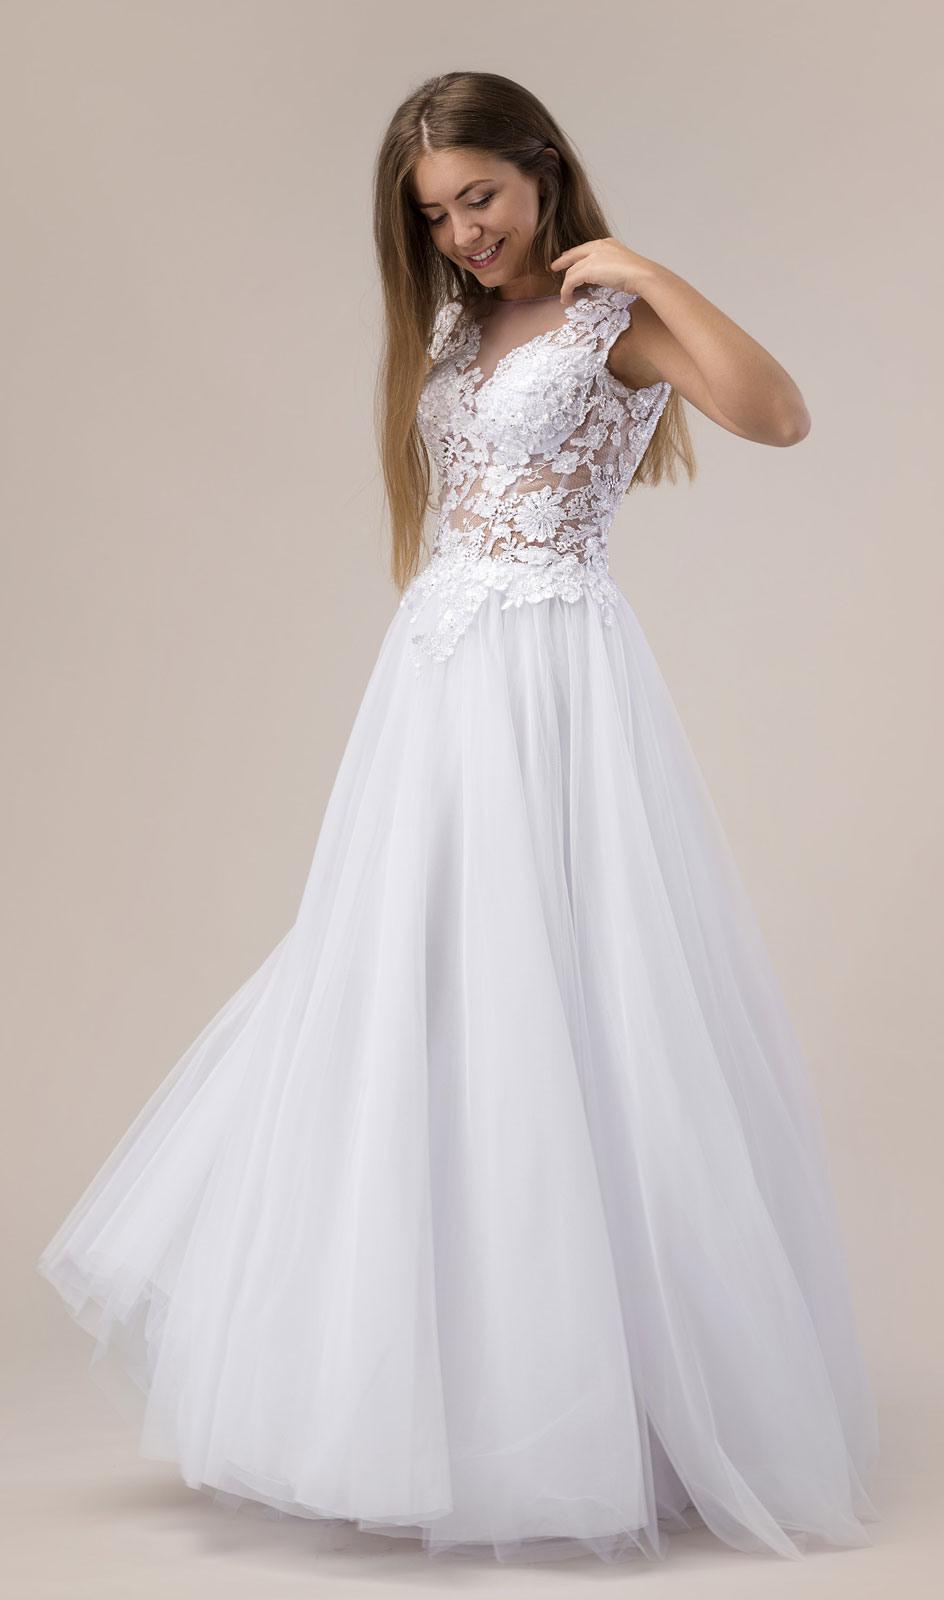 Brautkleid Mit Abnehmbaren Rock - Kleiderfreuden